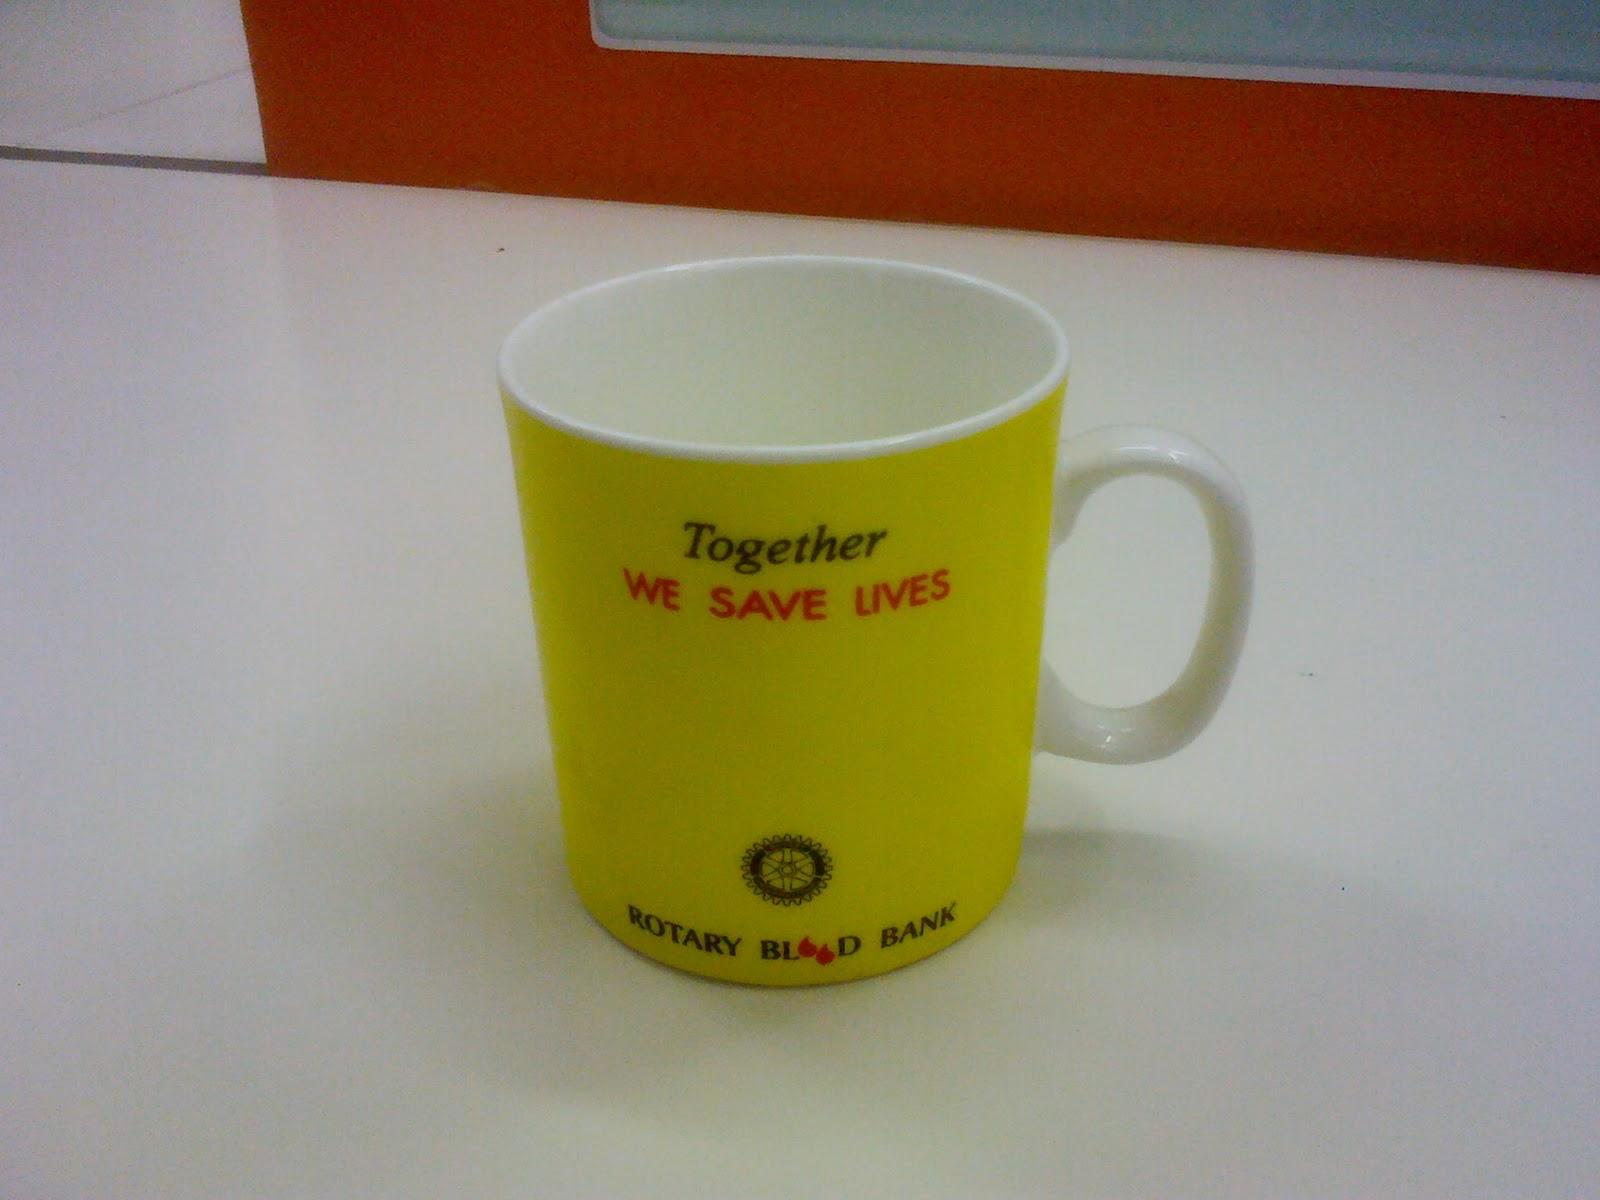 http://1.bp.blogspot.com/-48gSecUGn0k/Tss1vuMXBgI/AAAAAAAABbI/_C5F1Frb26g/s1600/Cup.jpg